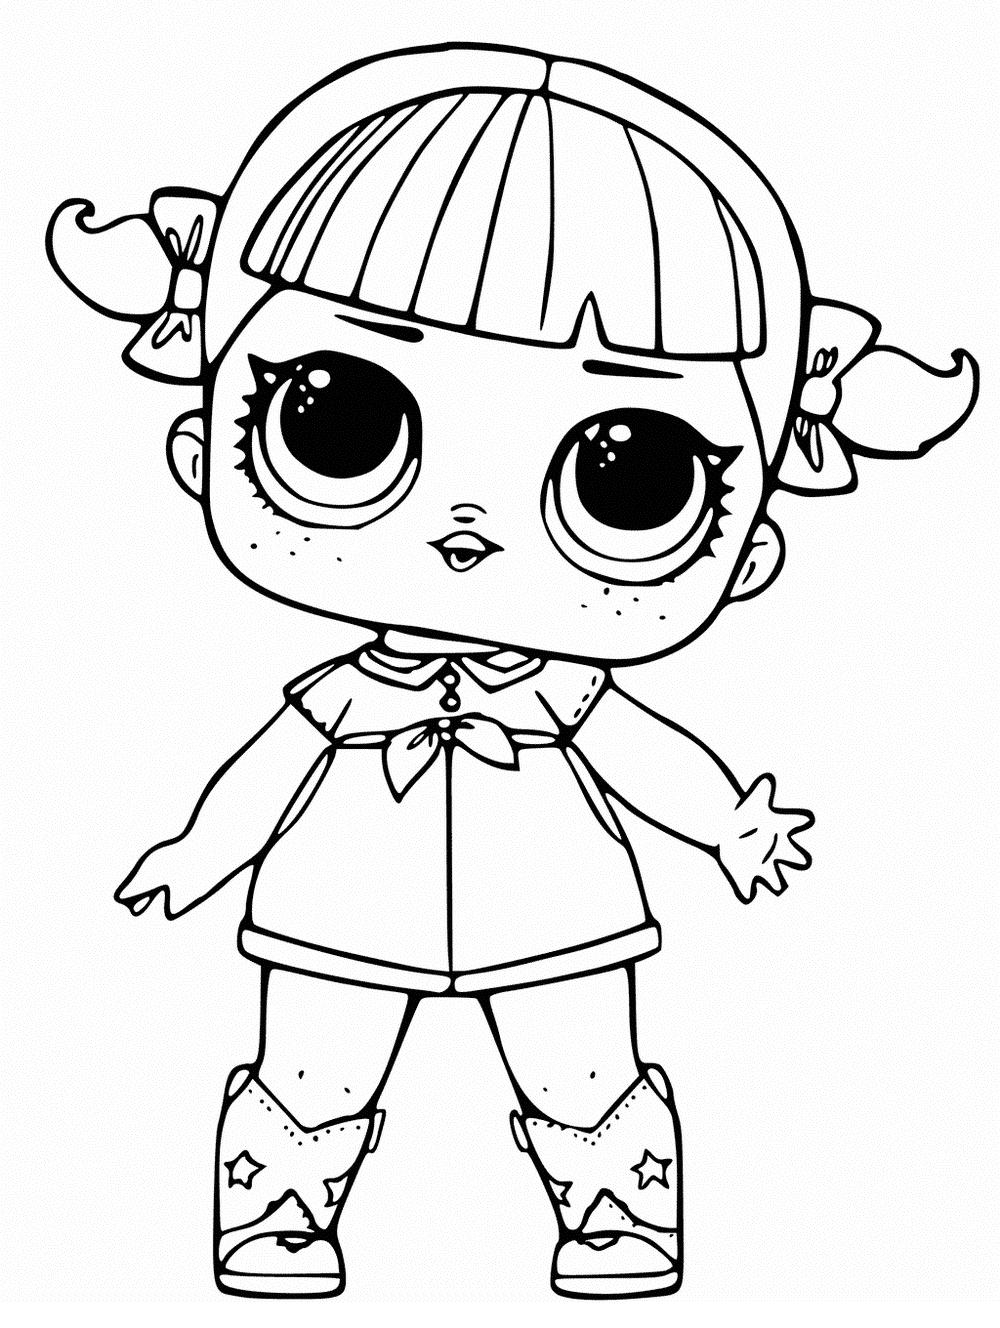 напечатать куклу лол раскраска день, хотелось выяснить